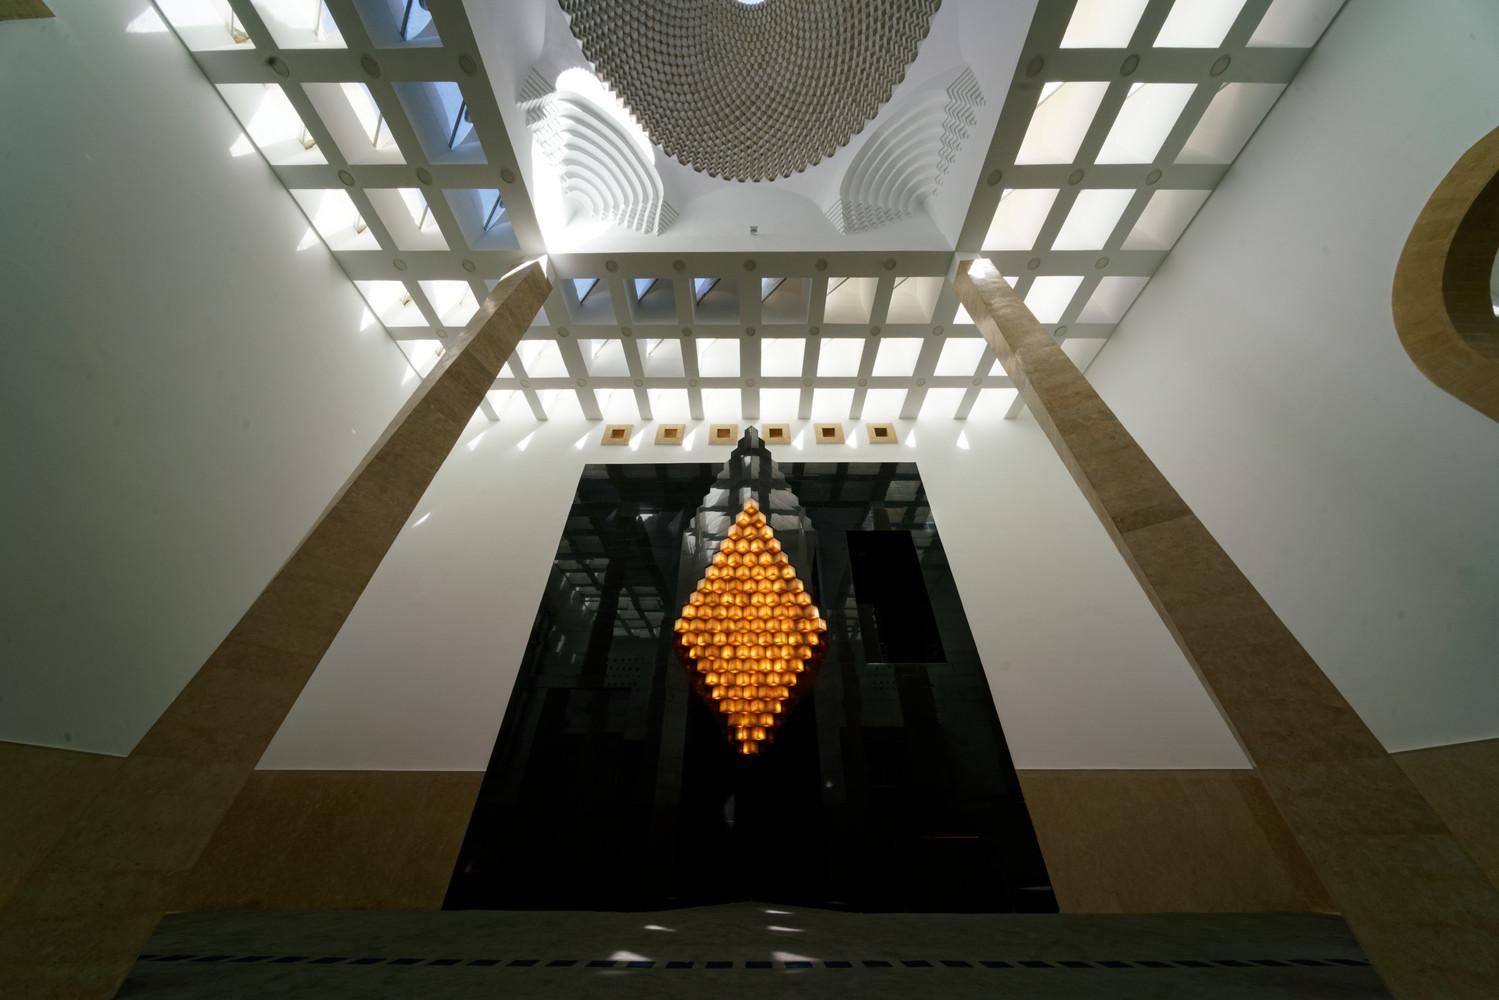 طراحی داخلی مسجد,معماری داخلی مسجد